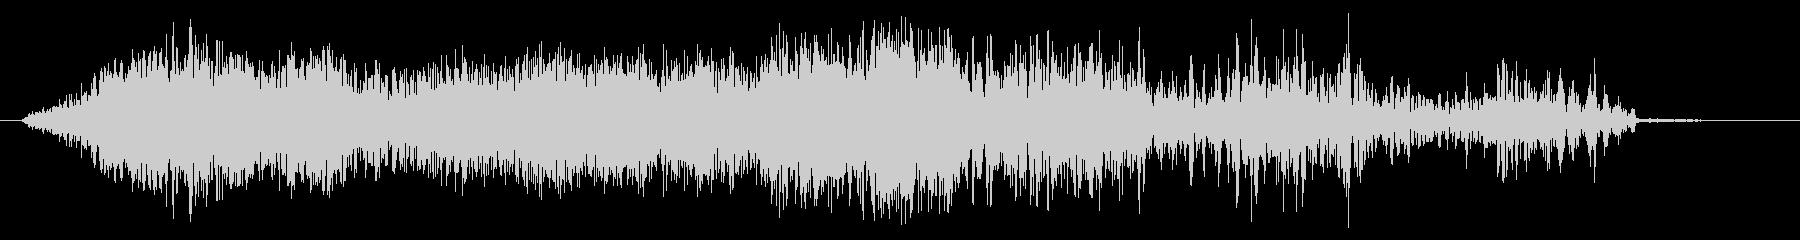 リバース スティンガーインパクトメ...の未再生の波形